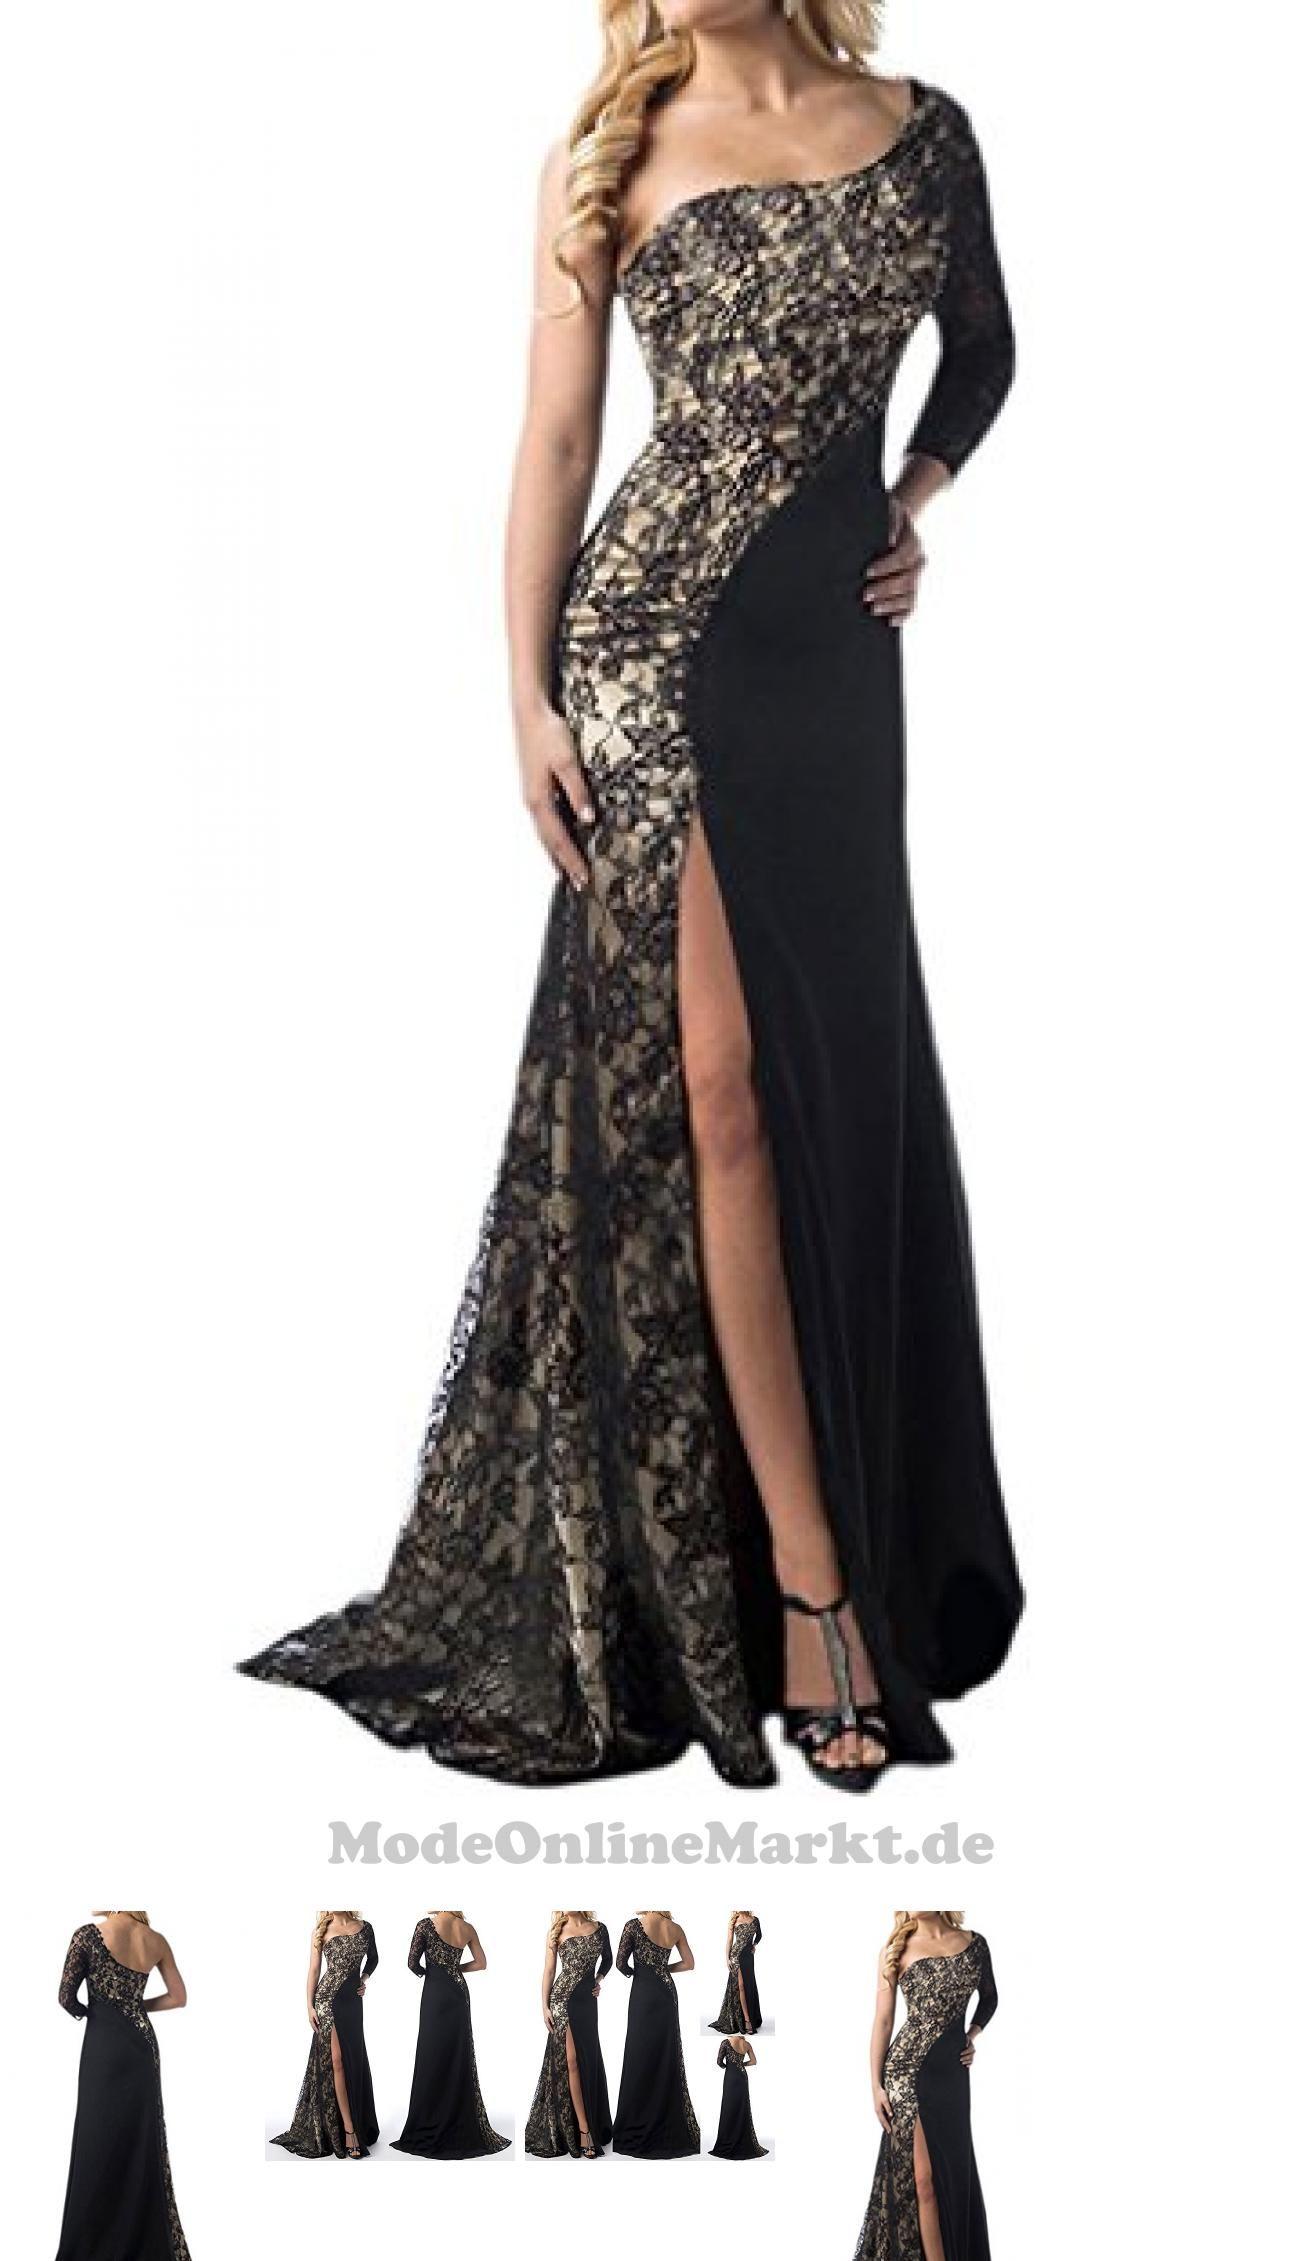 Bigood #Schulterfrei #Damen #Mode #Cocktailkleid #Hochzeit #Party ...